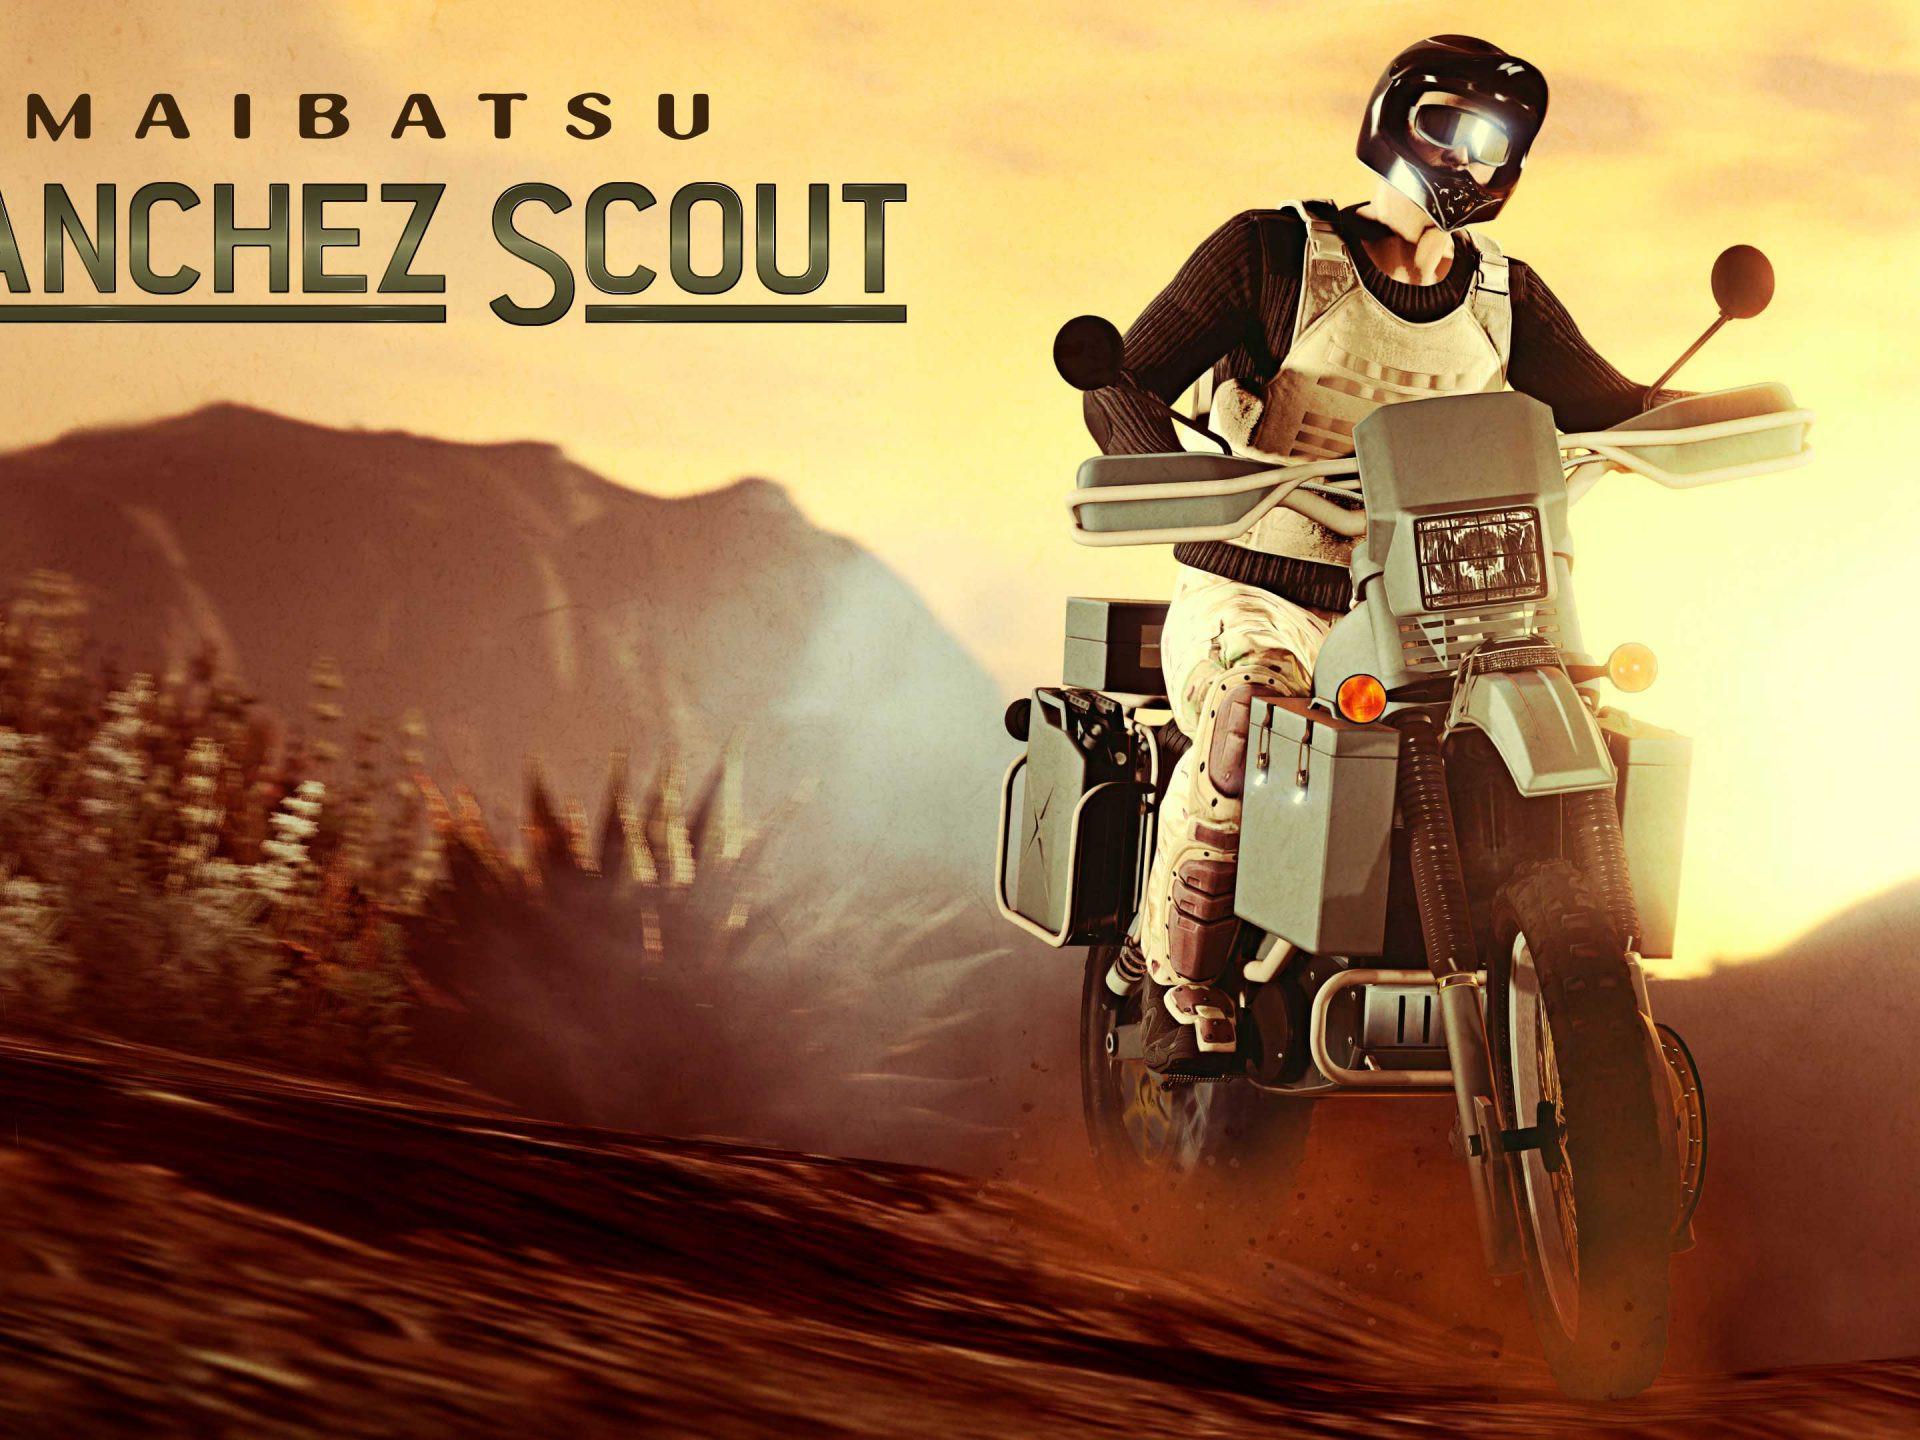 La Maibatsu Manchez Scout est disponible sur GTAOnline